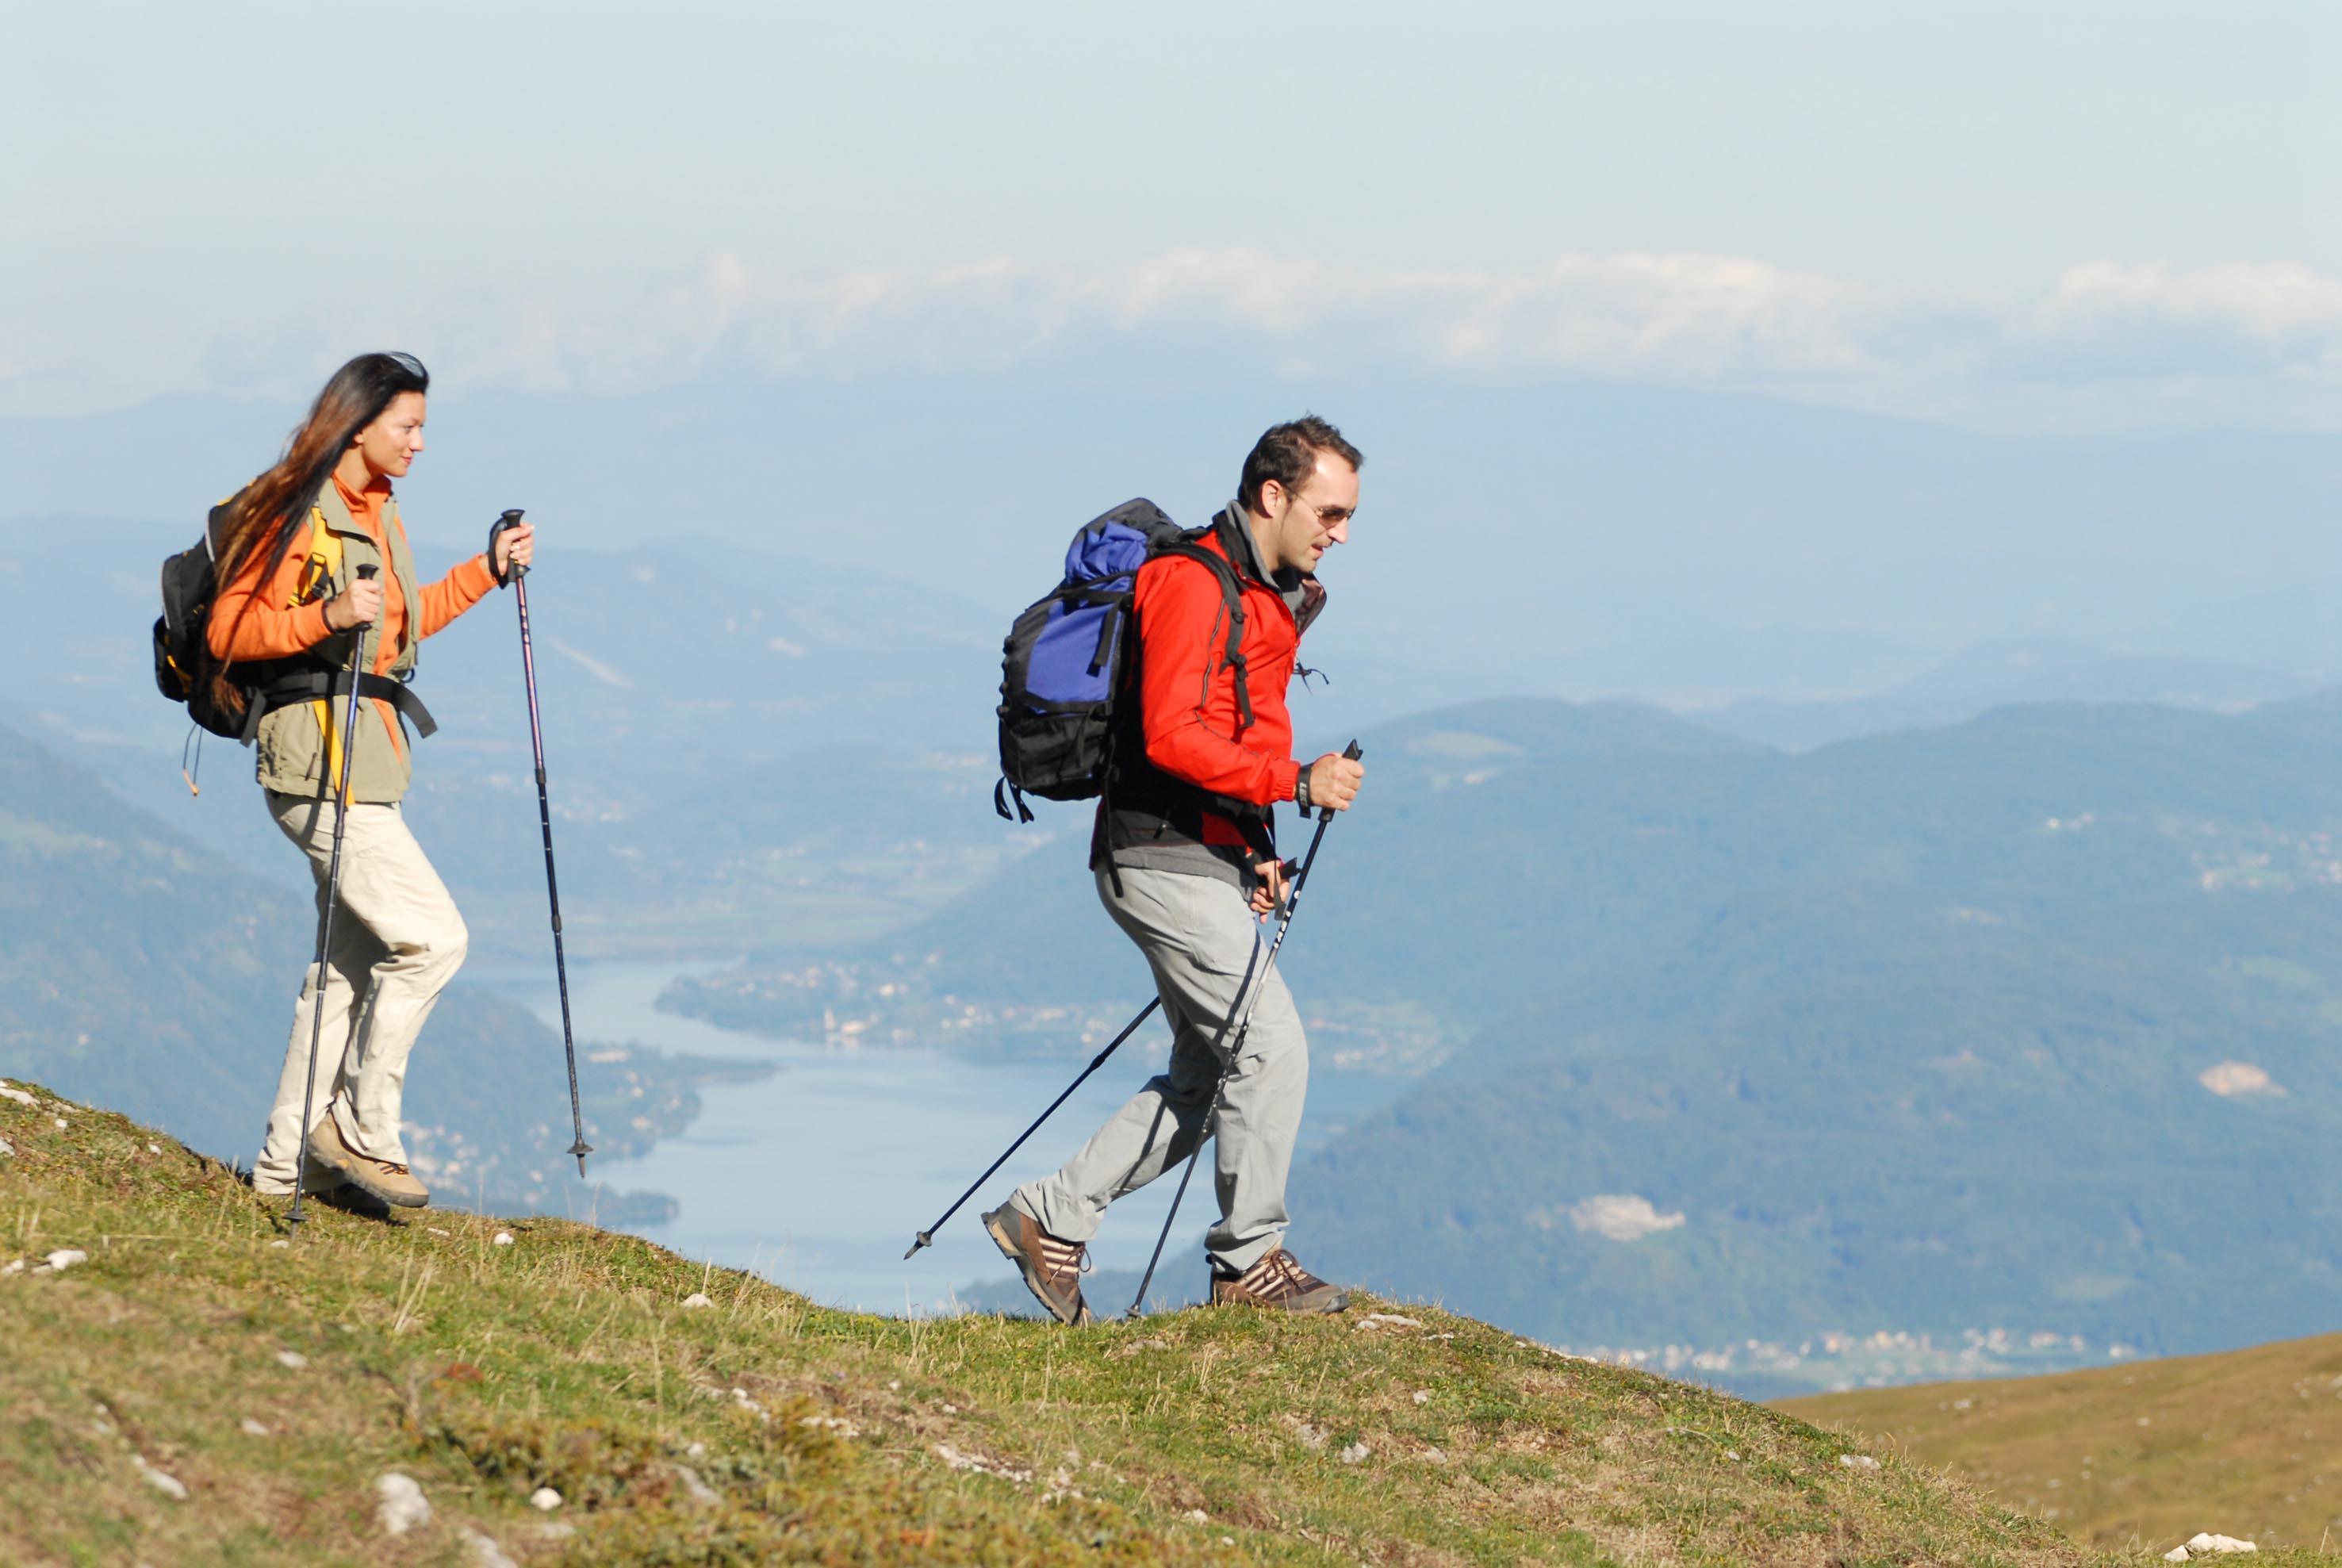 Turismo sostenibile a Villach, nel Parco del monte Dobratsch, tra natura e animali selvatici